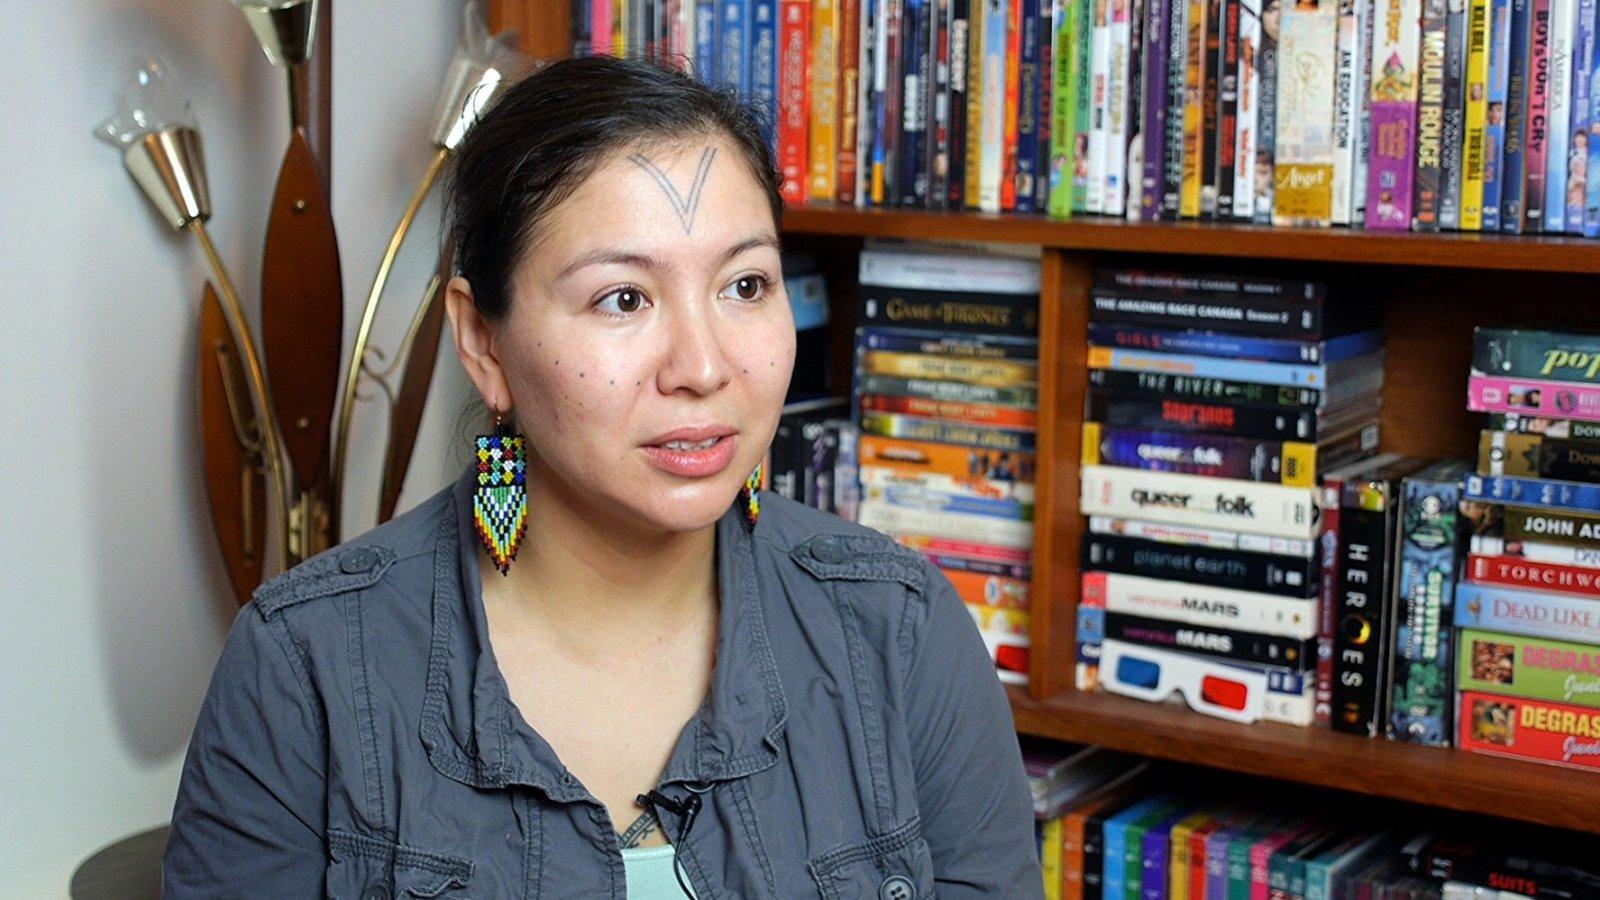 detabouiser-la-sexualite-inuite-un-mot-a-la-fois-2